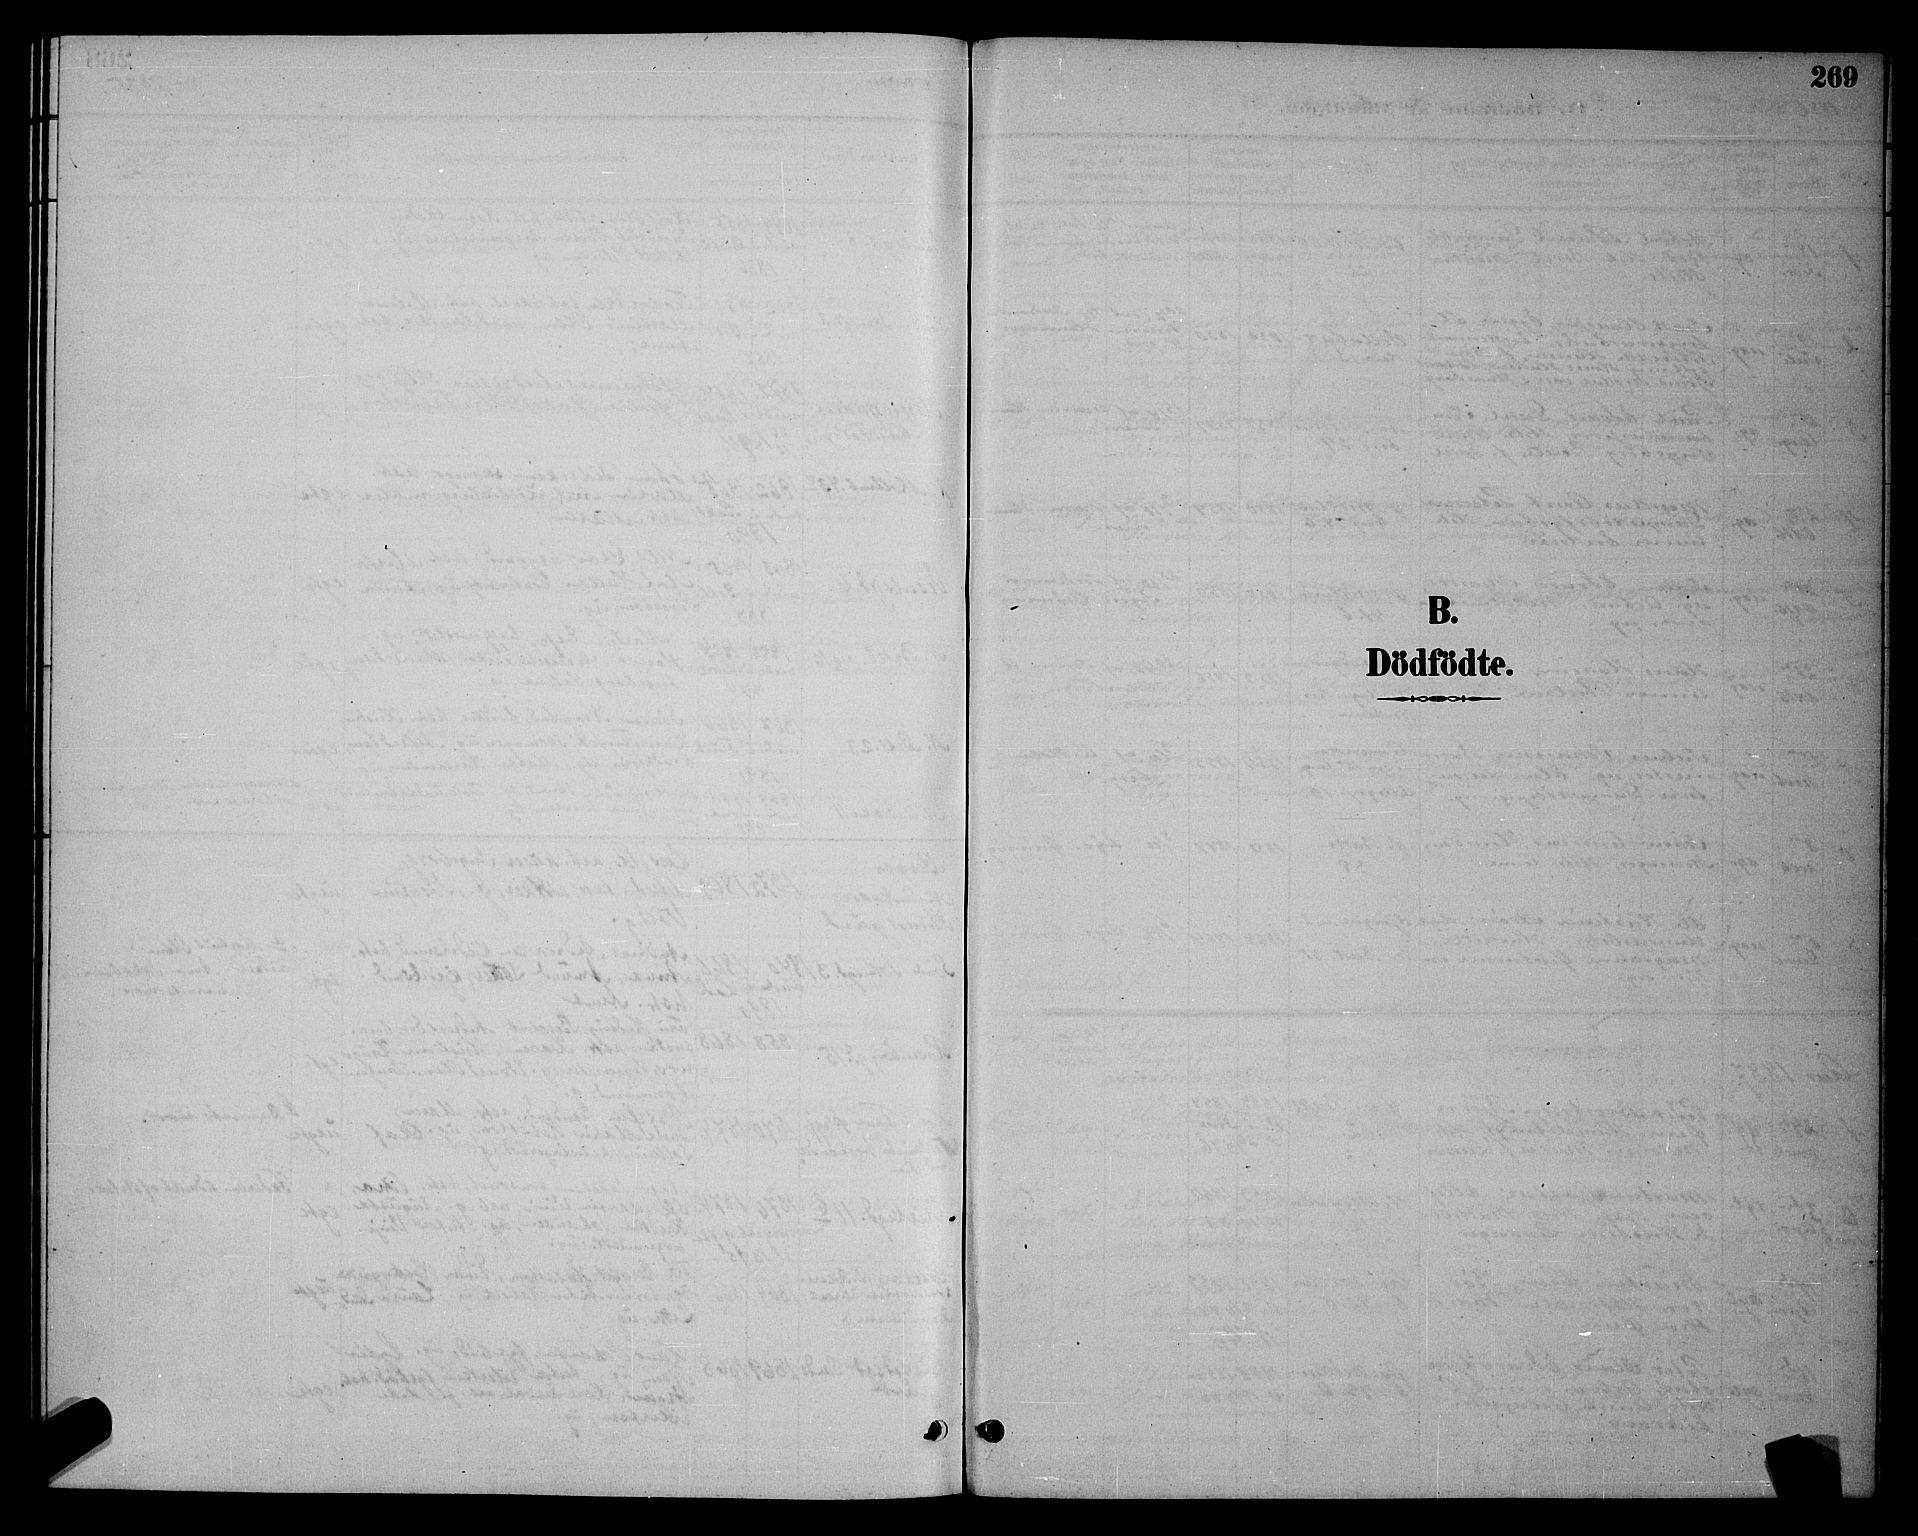 SAT, Ministerialprotokoller, klokkerbøker og fødselsregistre - Sør-Trøndelag, 604/L0222: Klokkerbok nr. 604C05, 1886-1895, s. 269